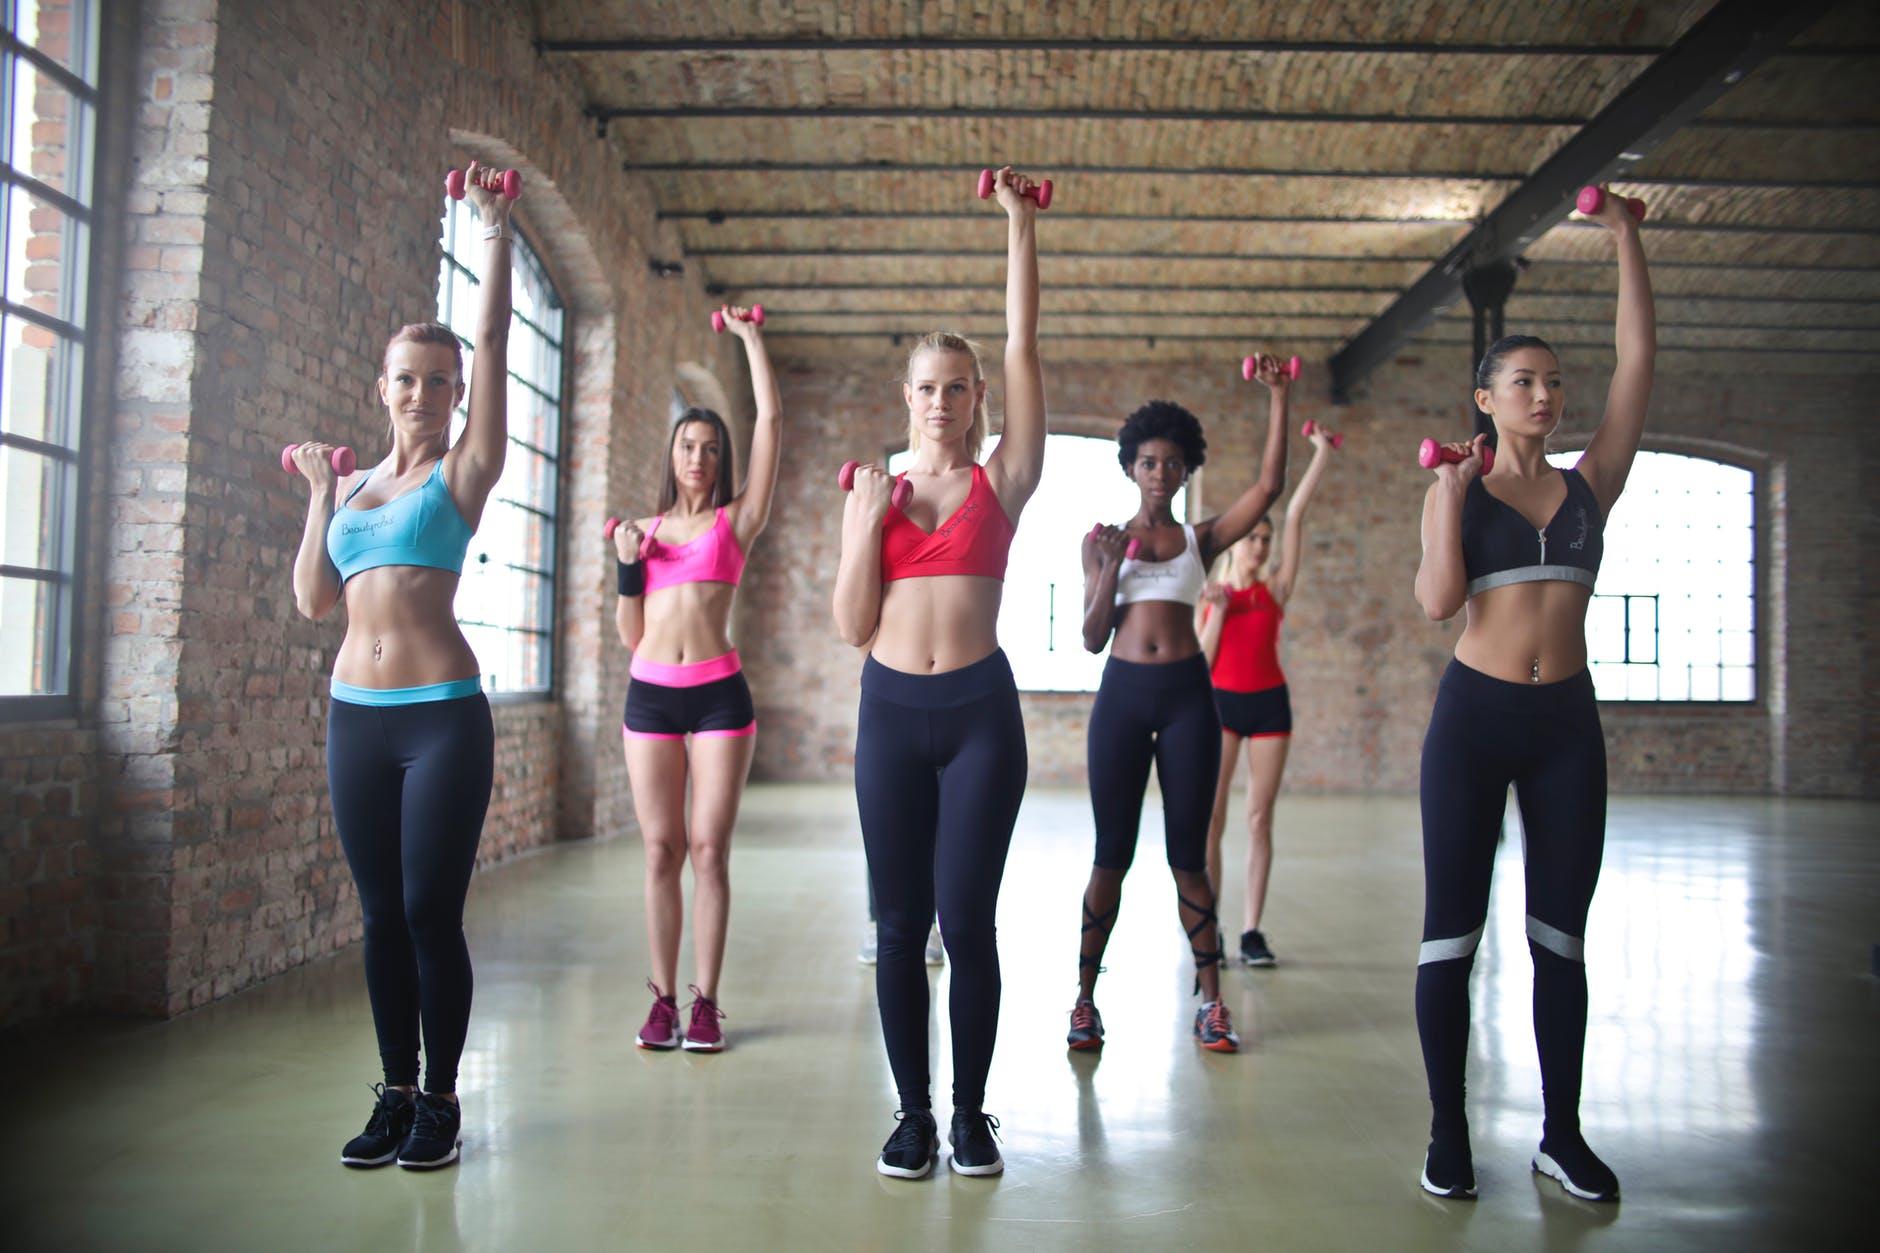 Gewichtszunahme Trotz Sport Und Normaler Ernährung